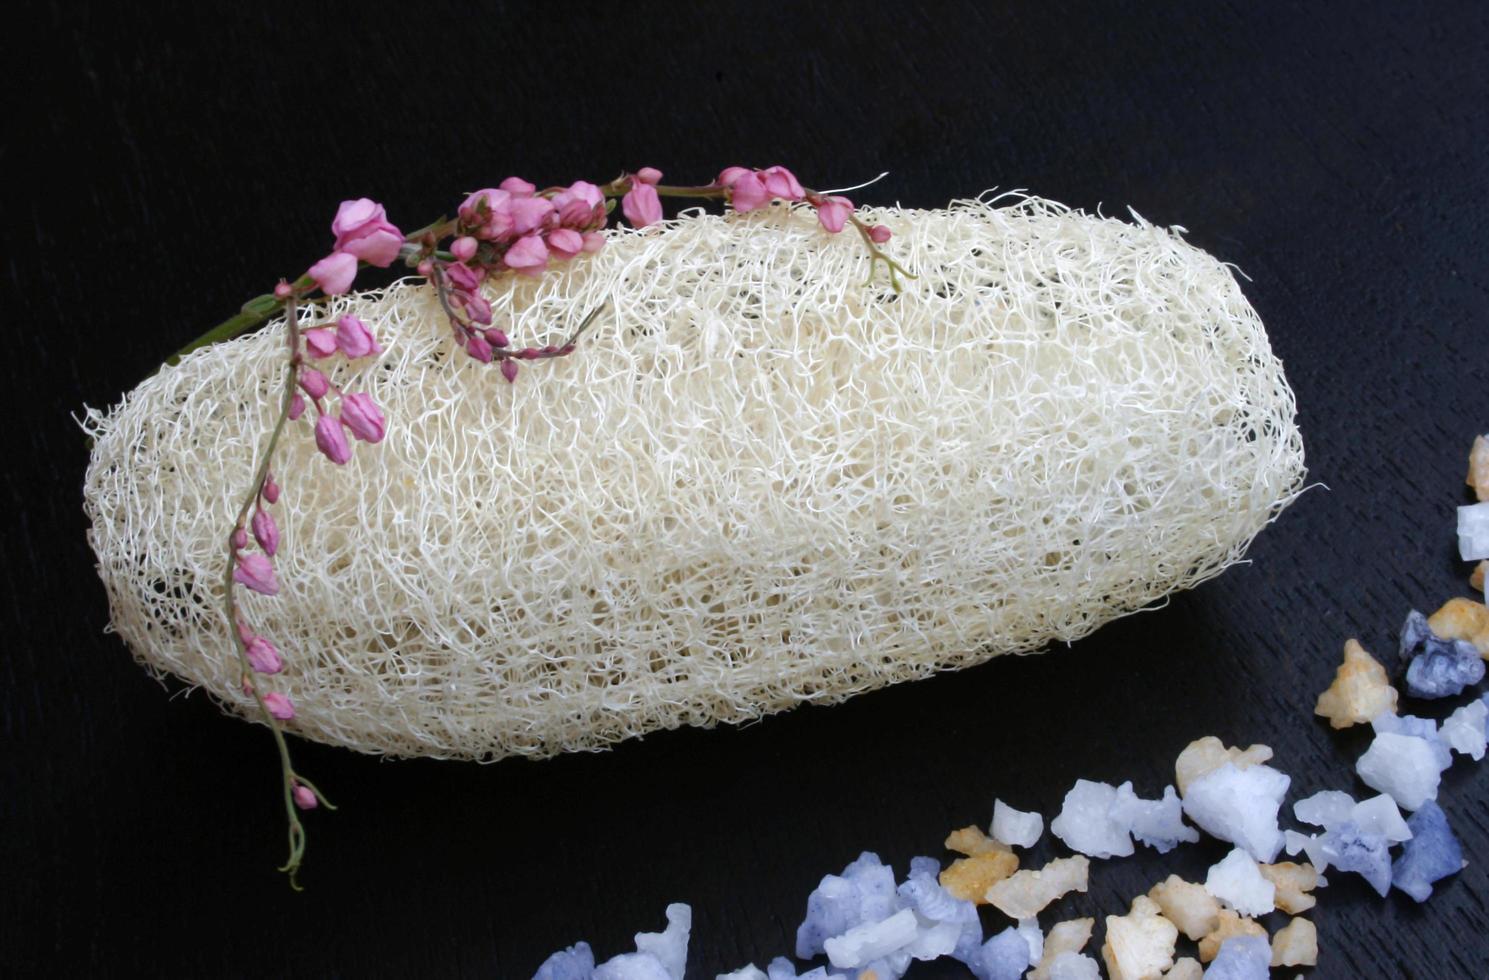 esponja de luffa natural foto